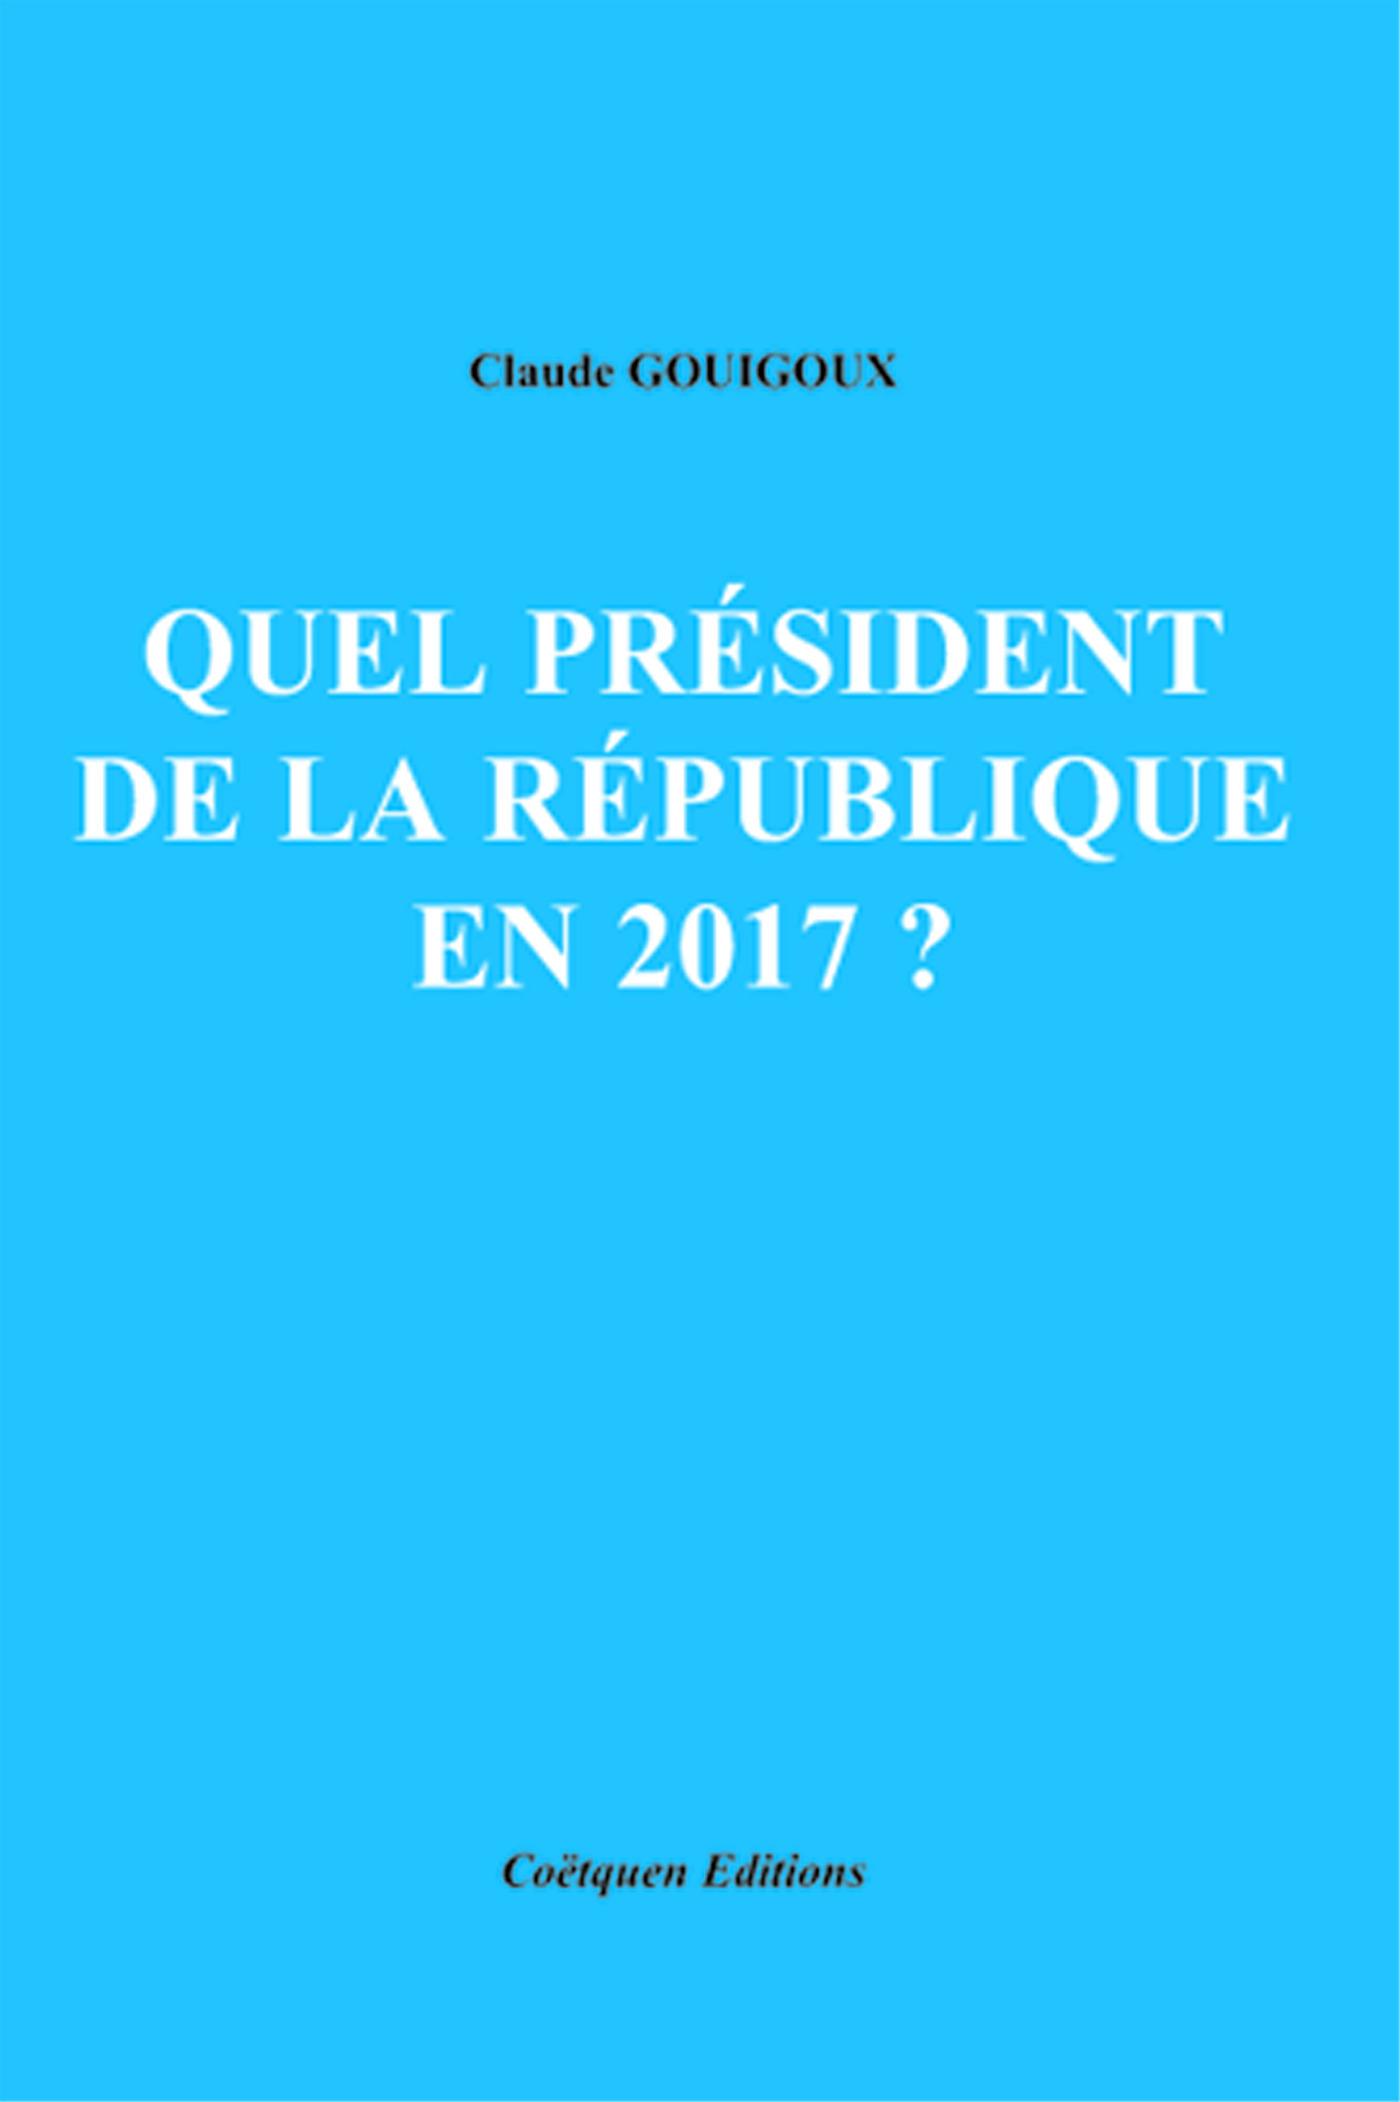 Claude Gouigoux Quel président de la République en 2017 ?